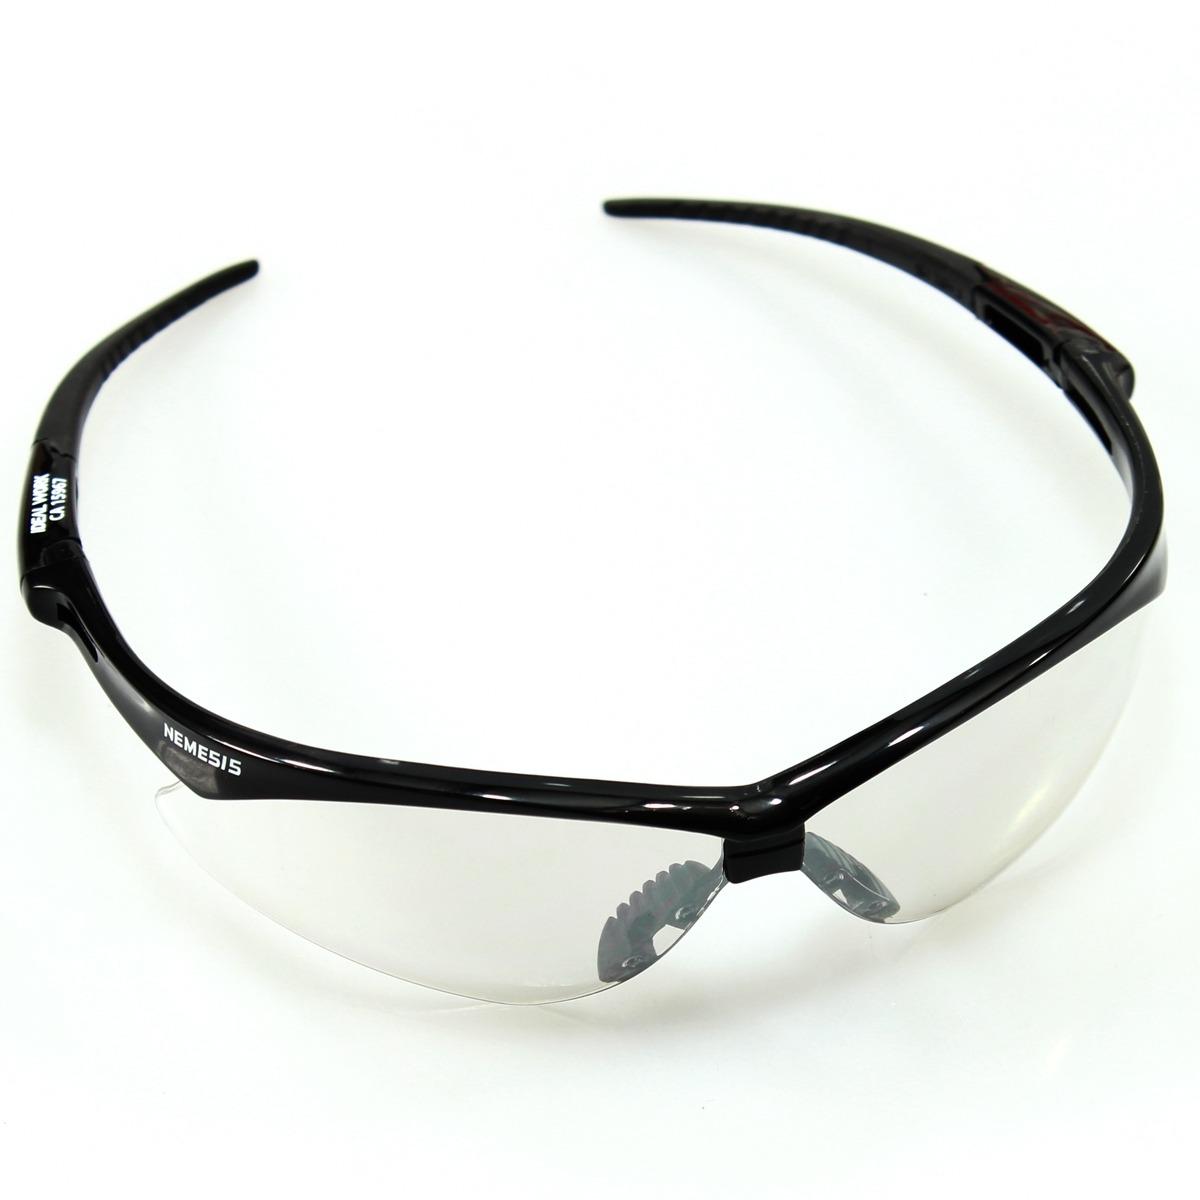 Óculos De Proteção Nemesis Lente In out 41754 - R  47,00 em Mercado ... 29ce9a7e1a